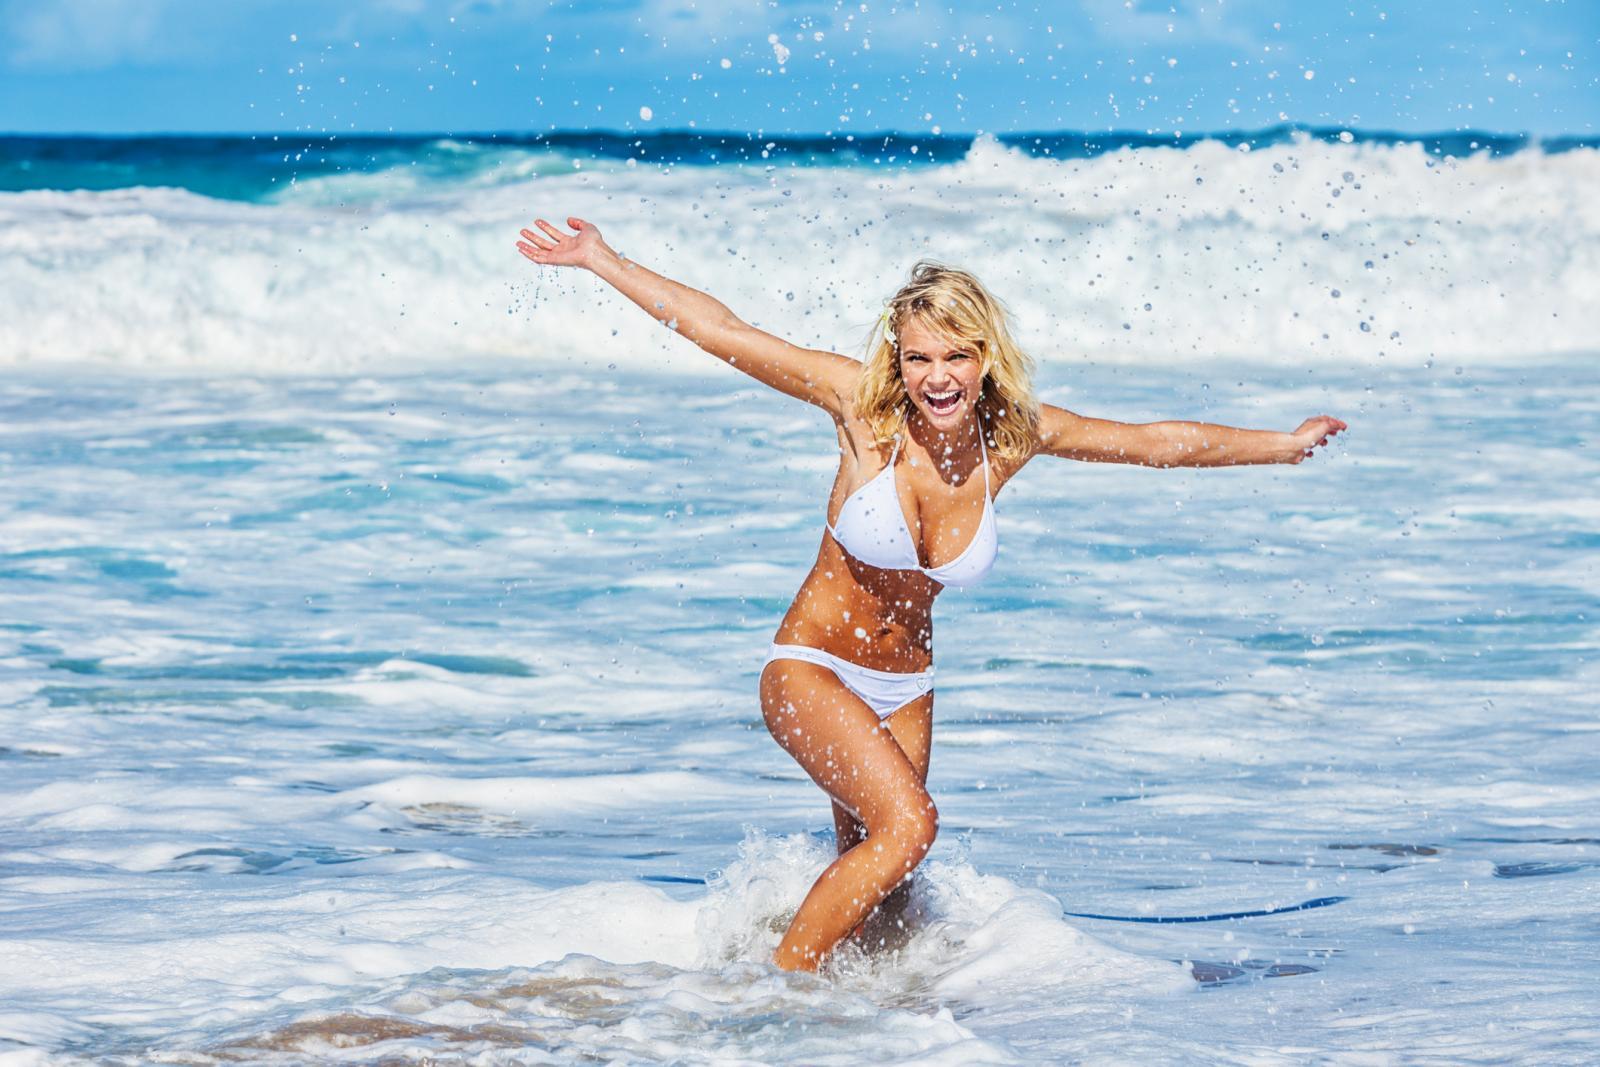 Dok drugi od opeklina i alergije bježe u hladovinu, vi ćete moći spokojno uživati u ljetnim radostima.